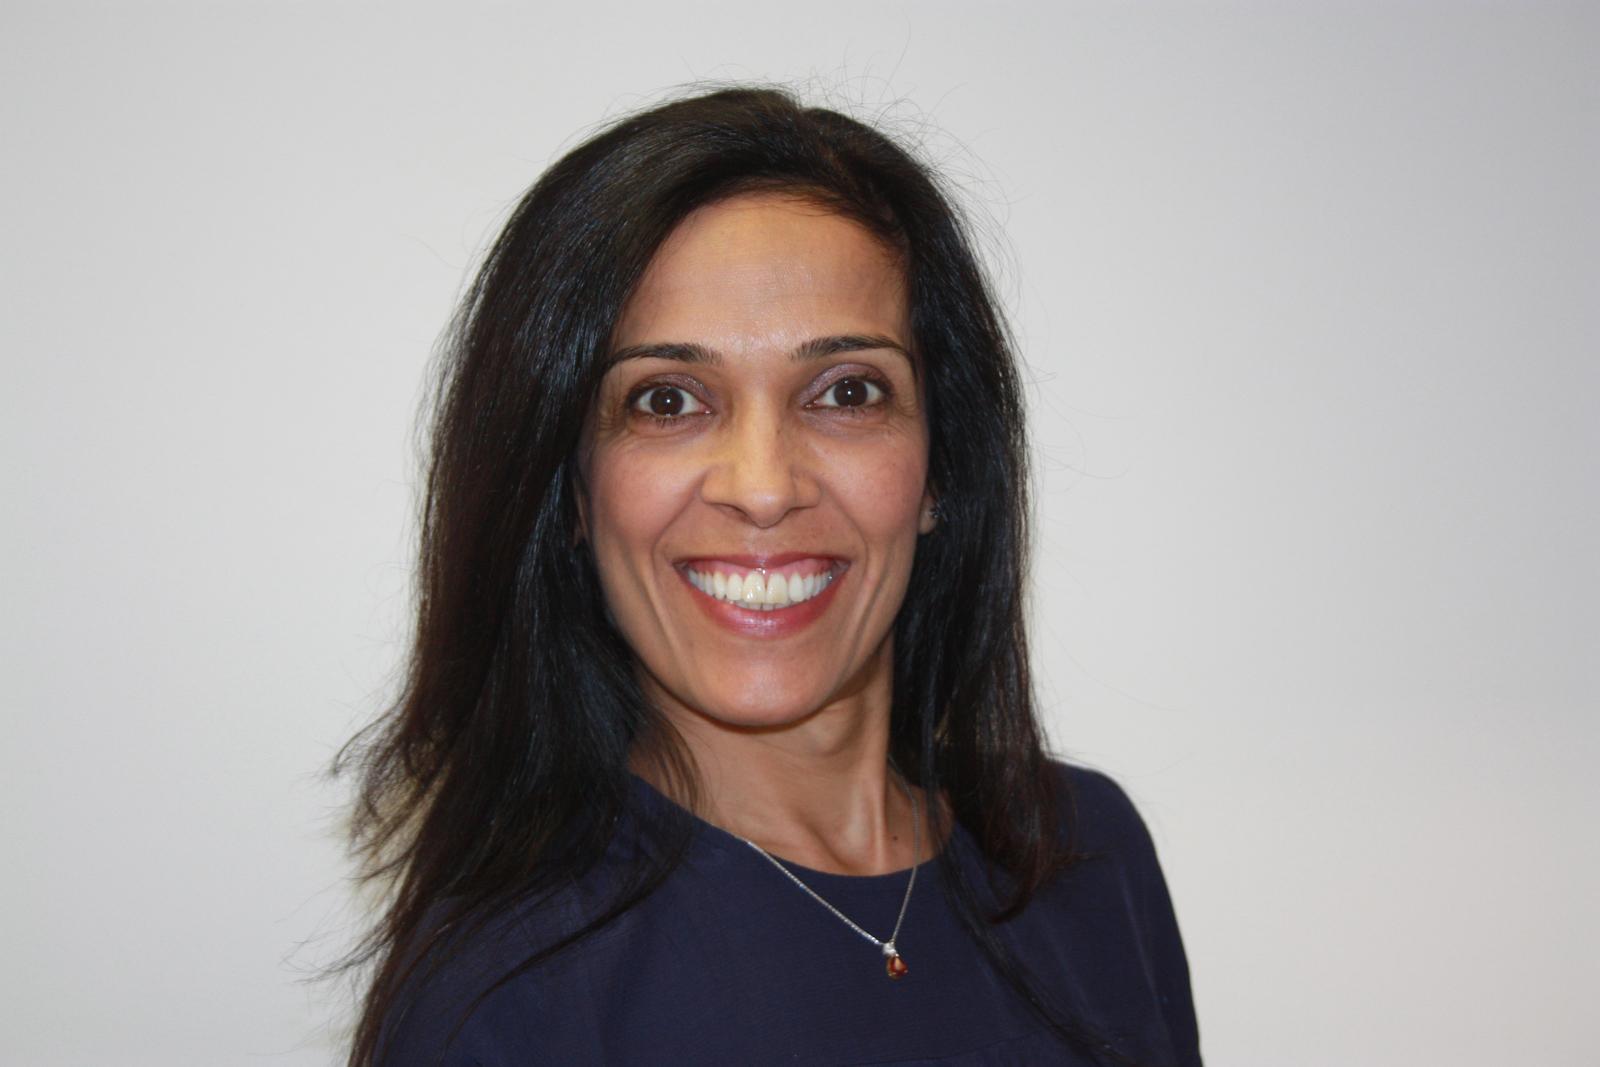 Tina Tanna